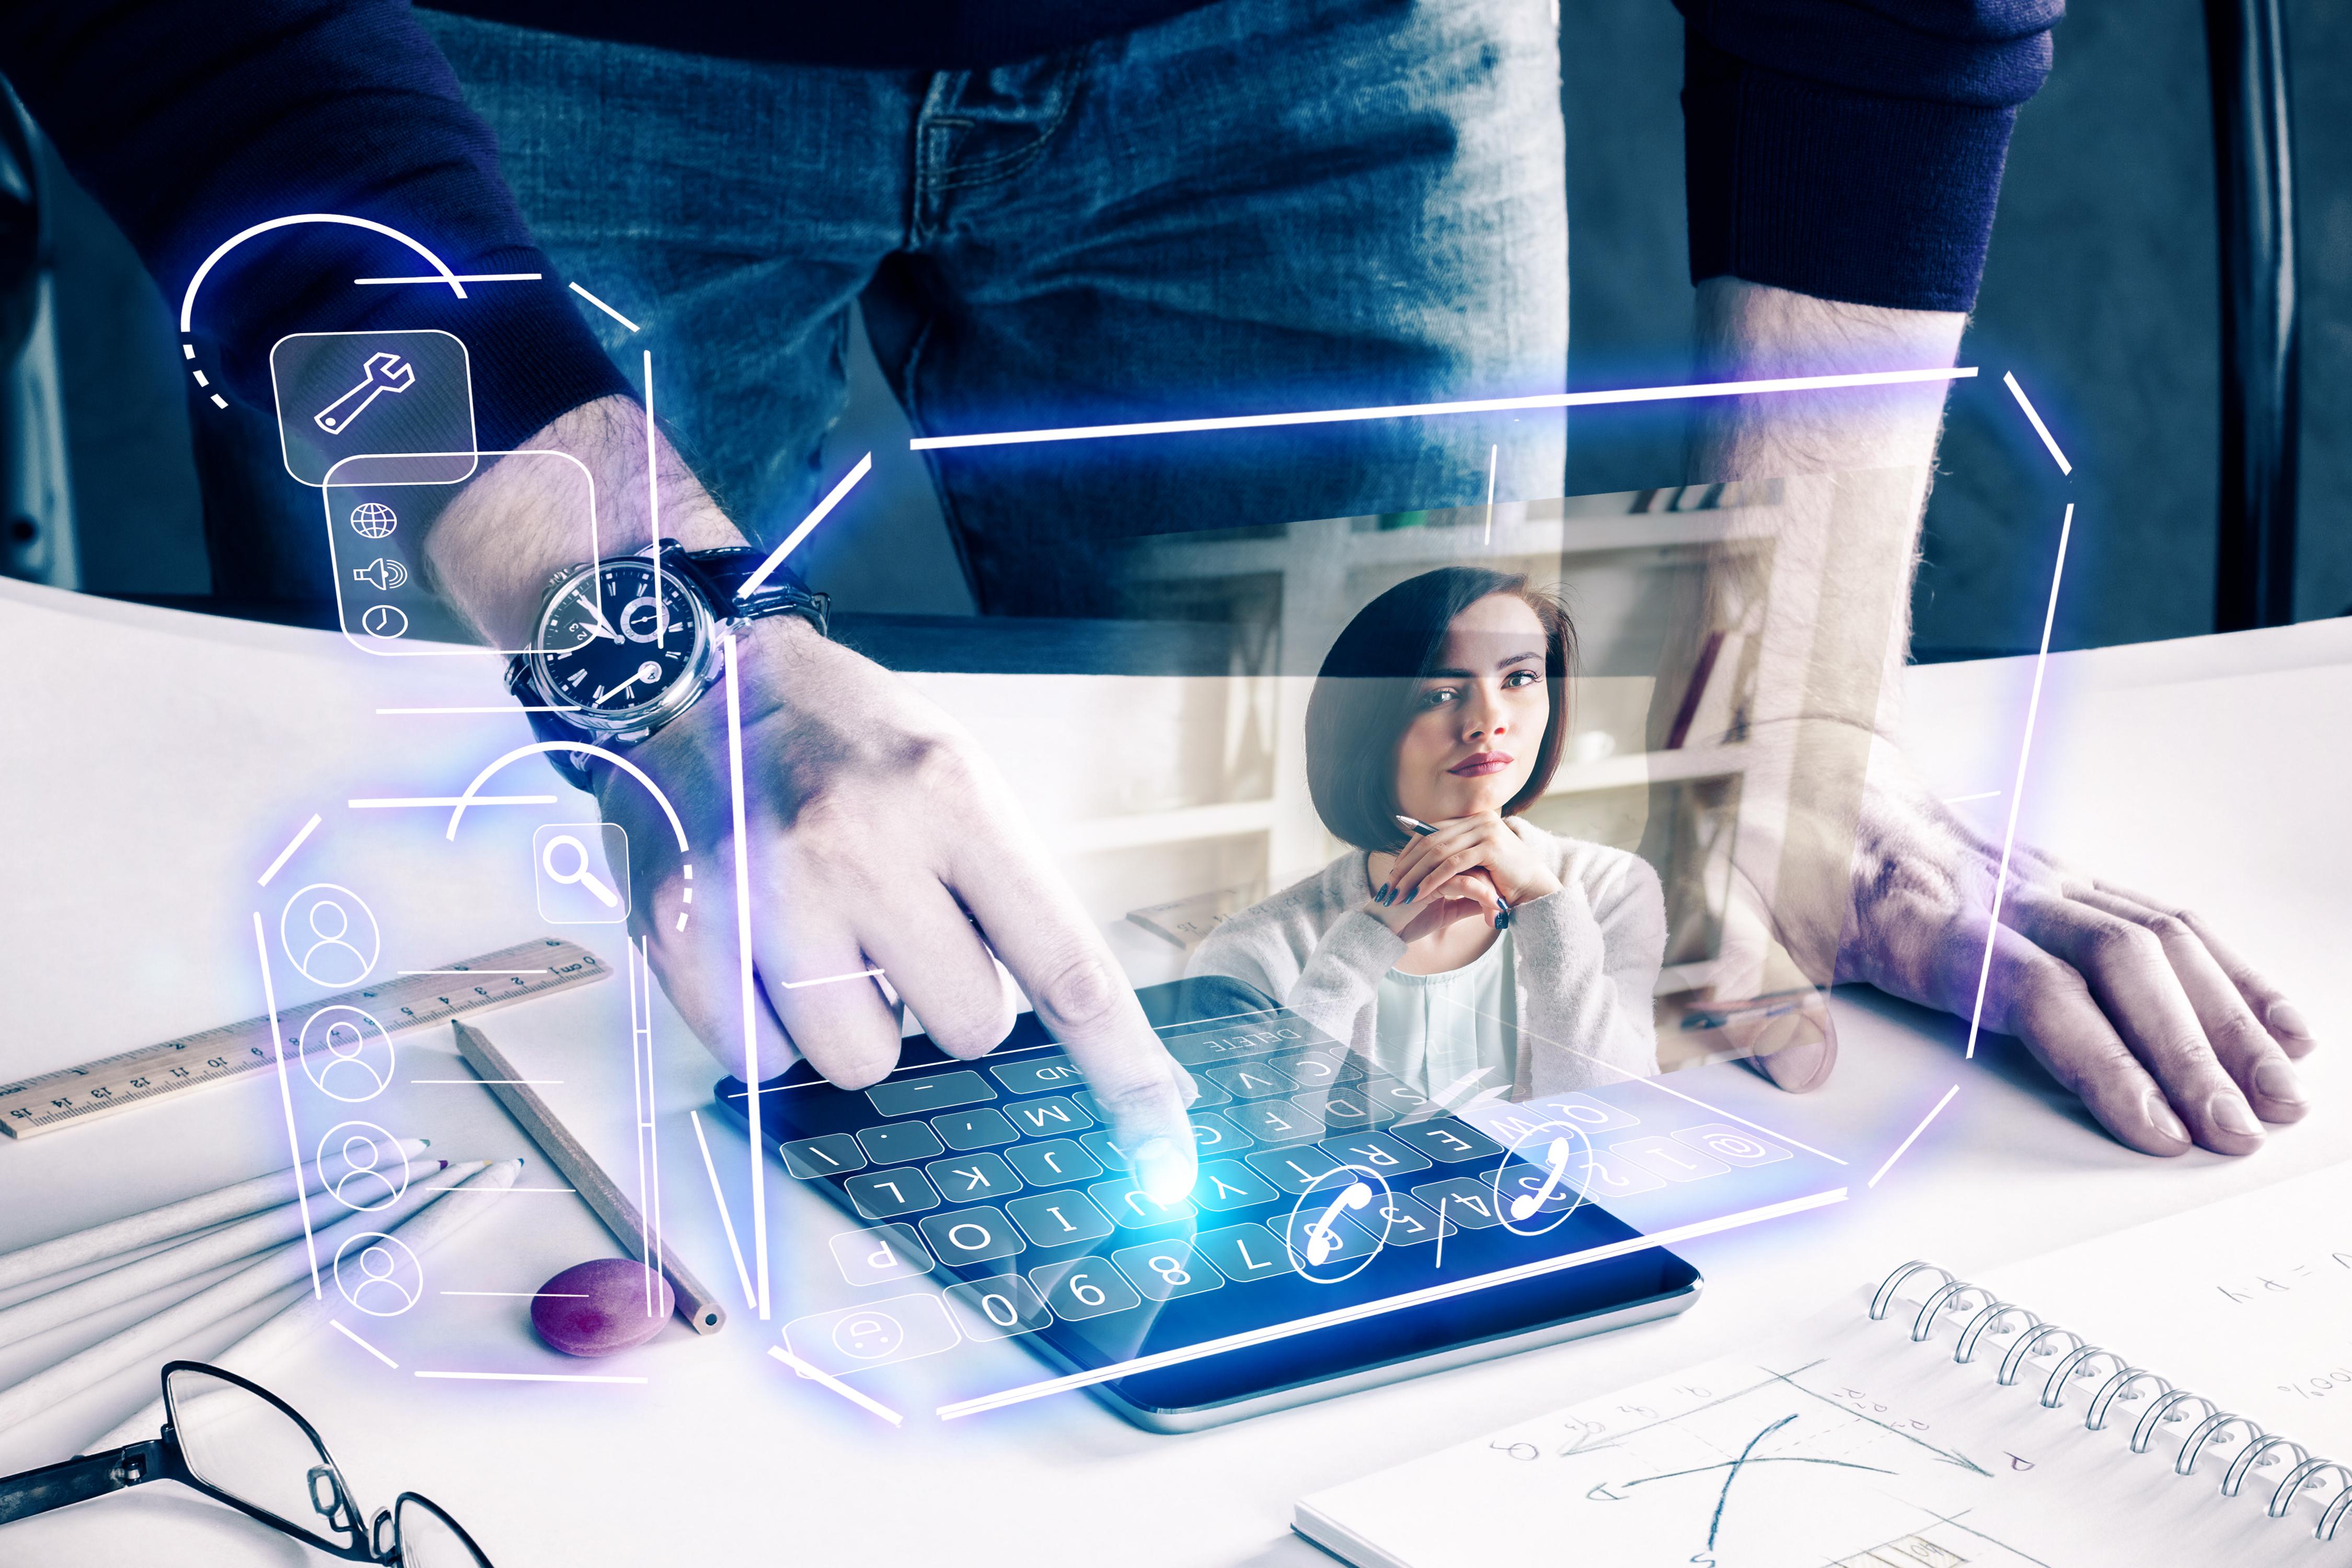 Przedsiębiorcy poprawiają wyniki biznesowe. Raport Banku Światowego i PARP